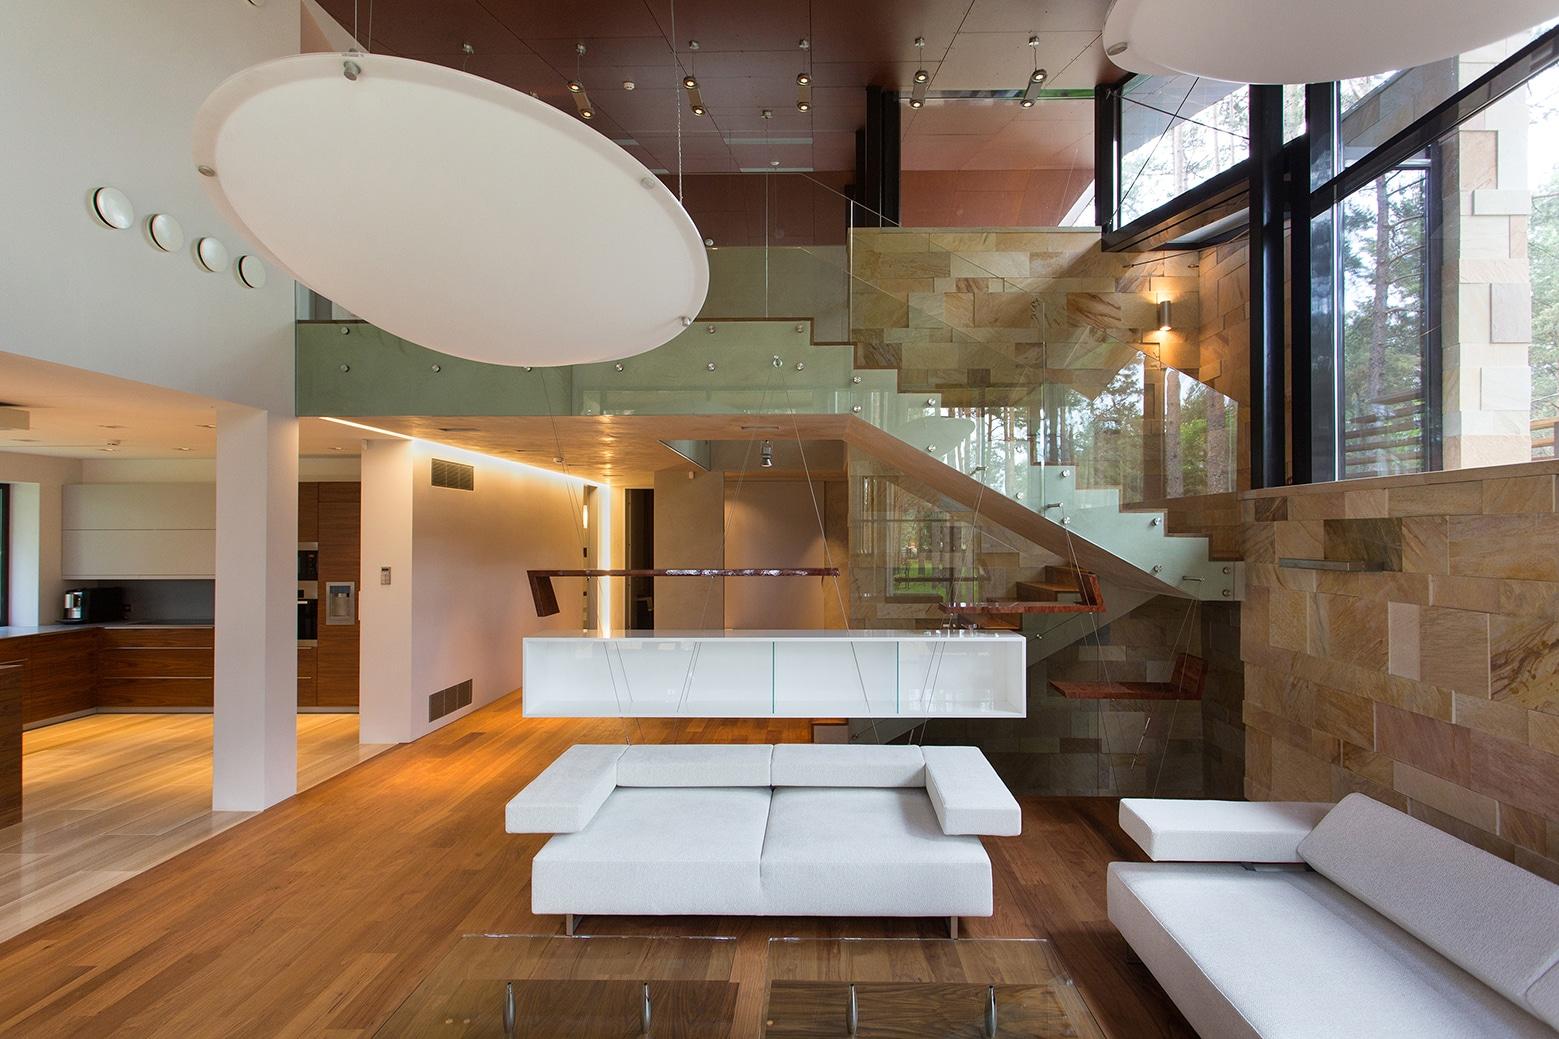 Casa de campo con planos dise o de fachada e interiores for Diseno y decoracion de casas